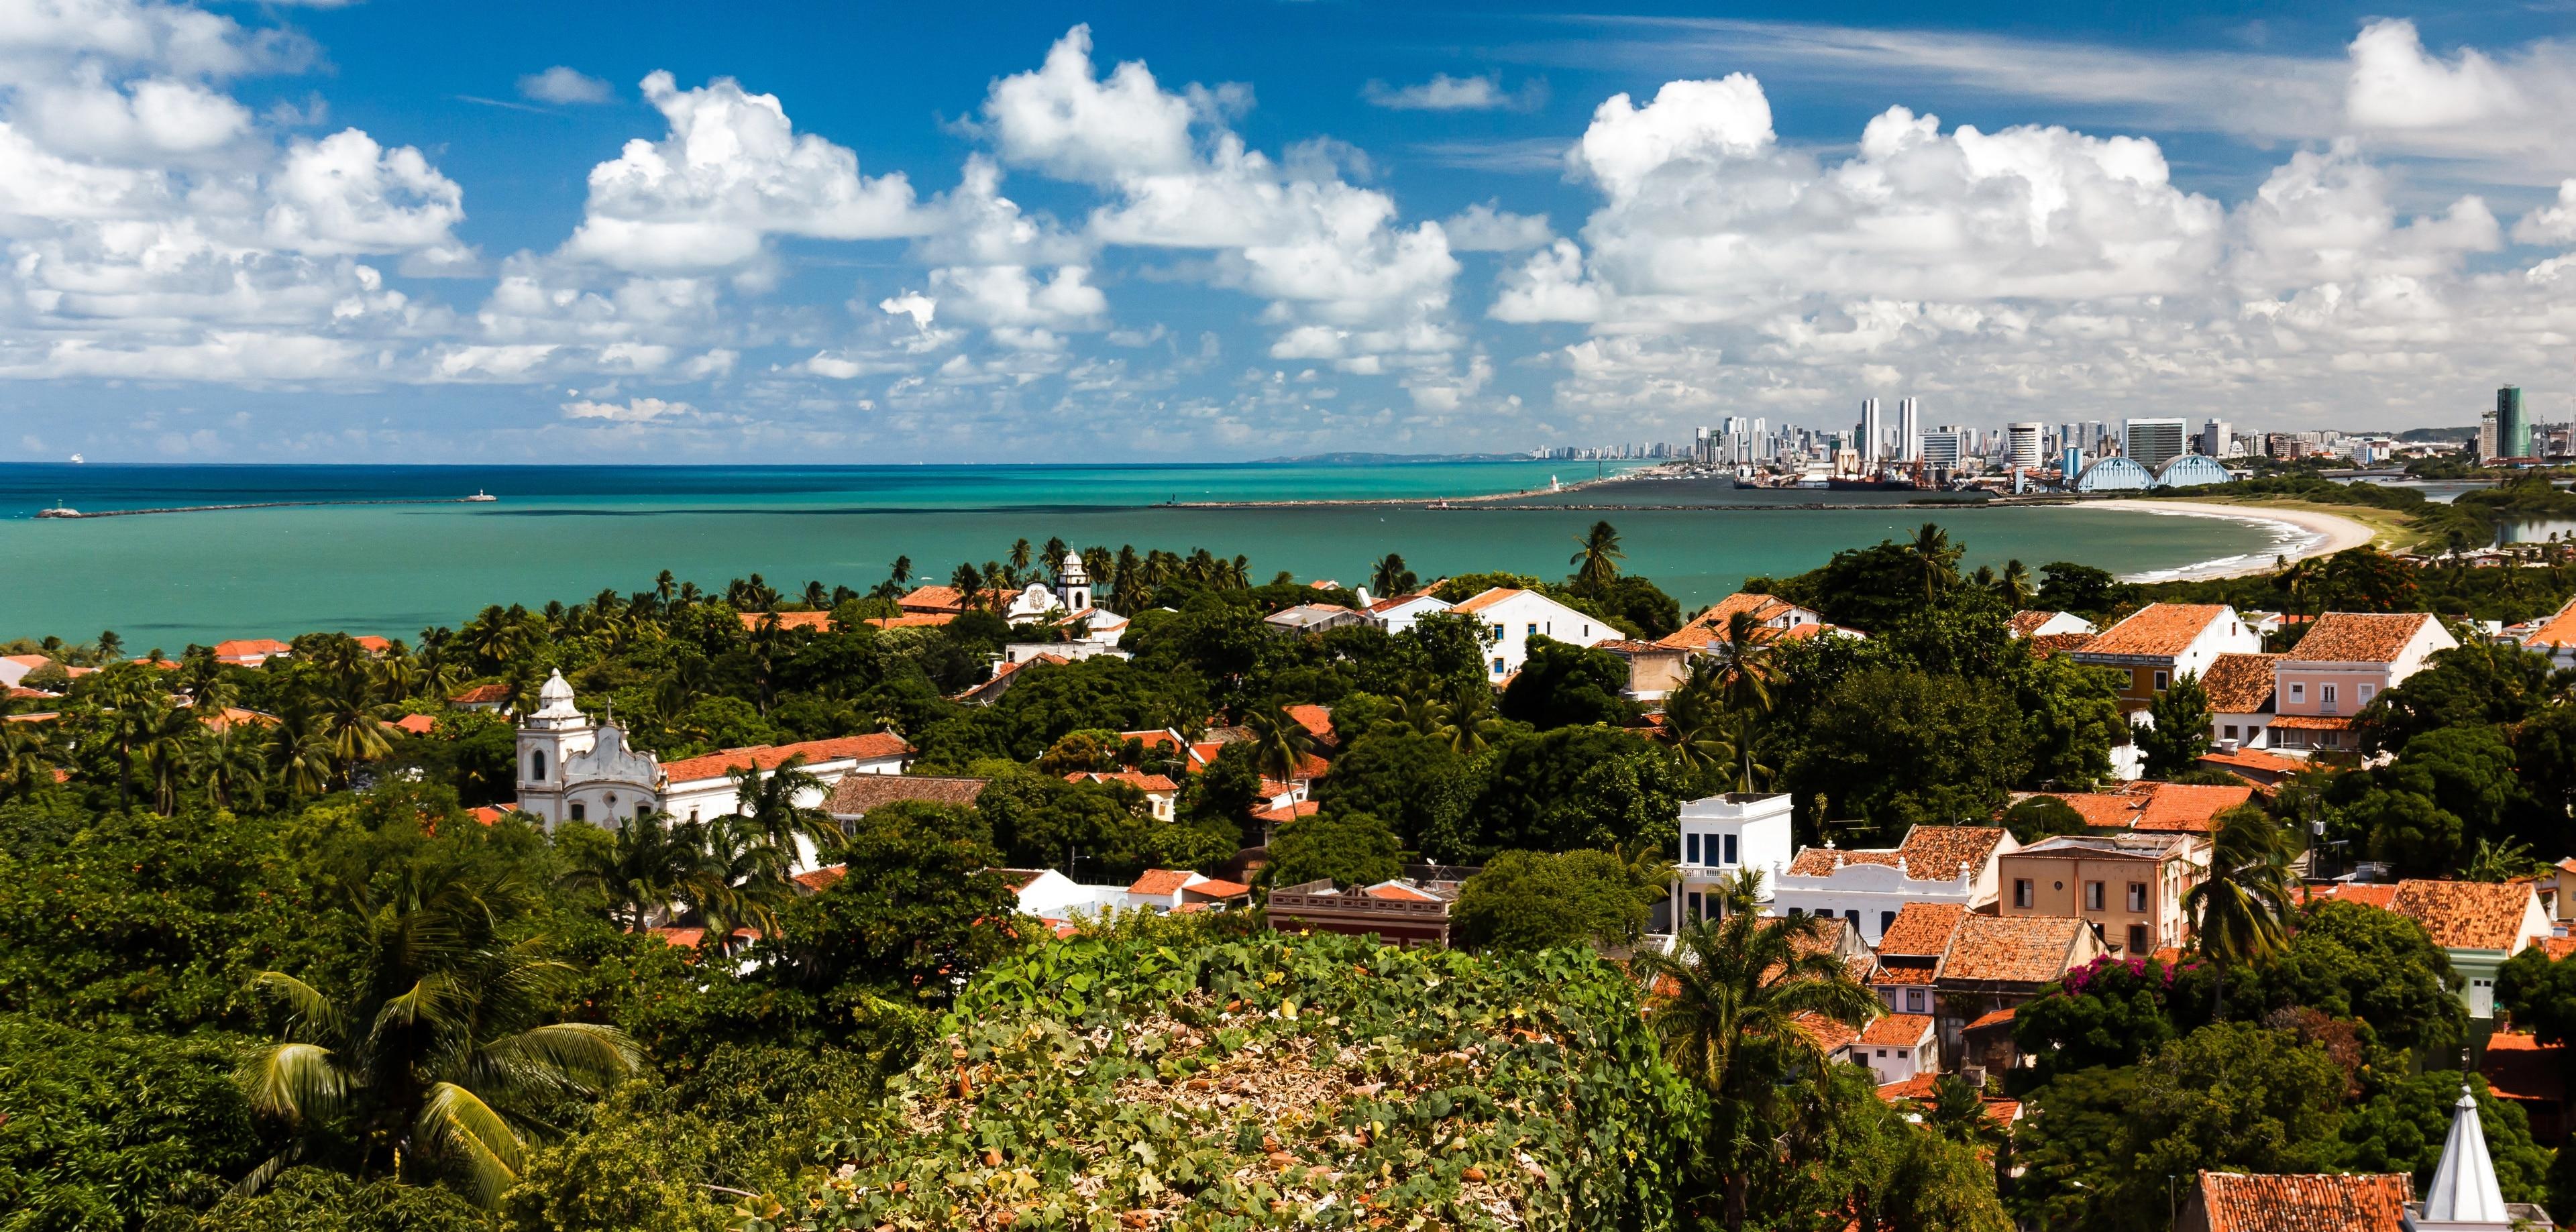 Recife Centro, Recife, Pernambuco State, Brazil